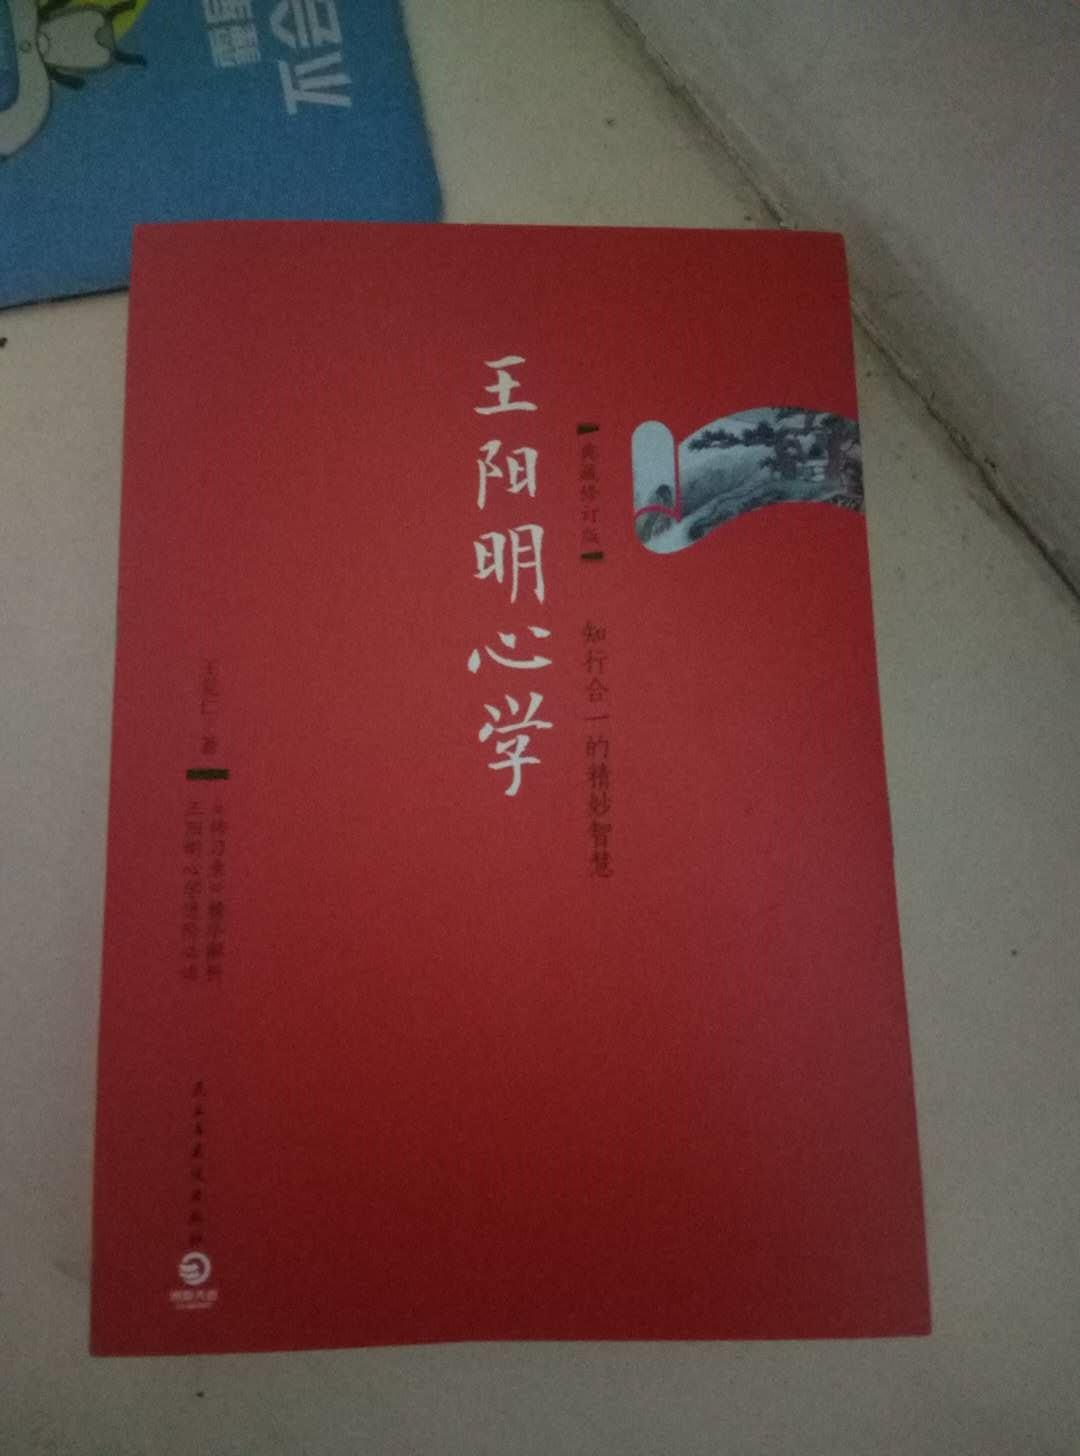 读《王阳明心学》